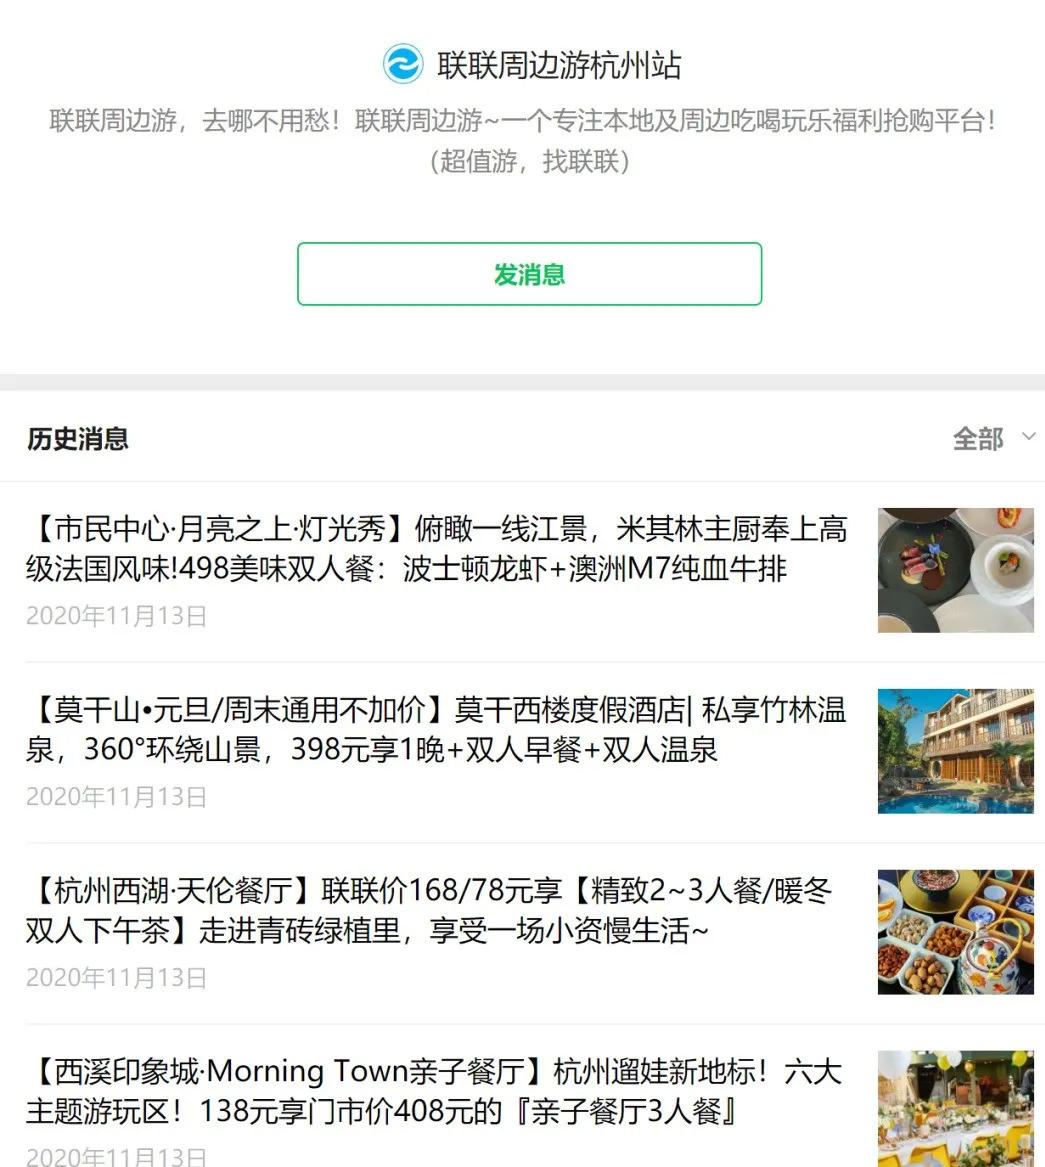 联联周边游杭州站公众号截图